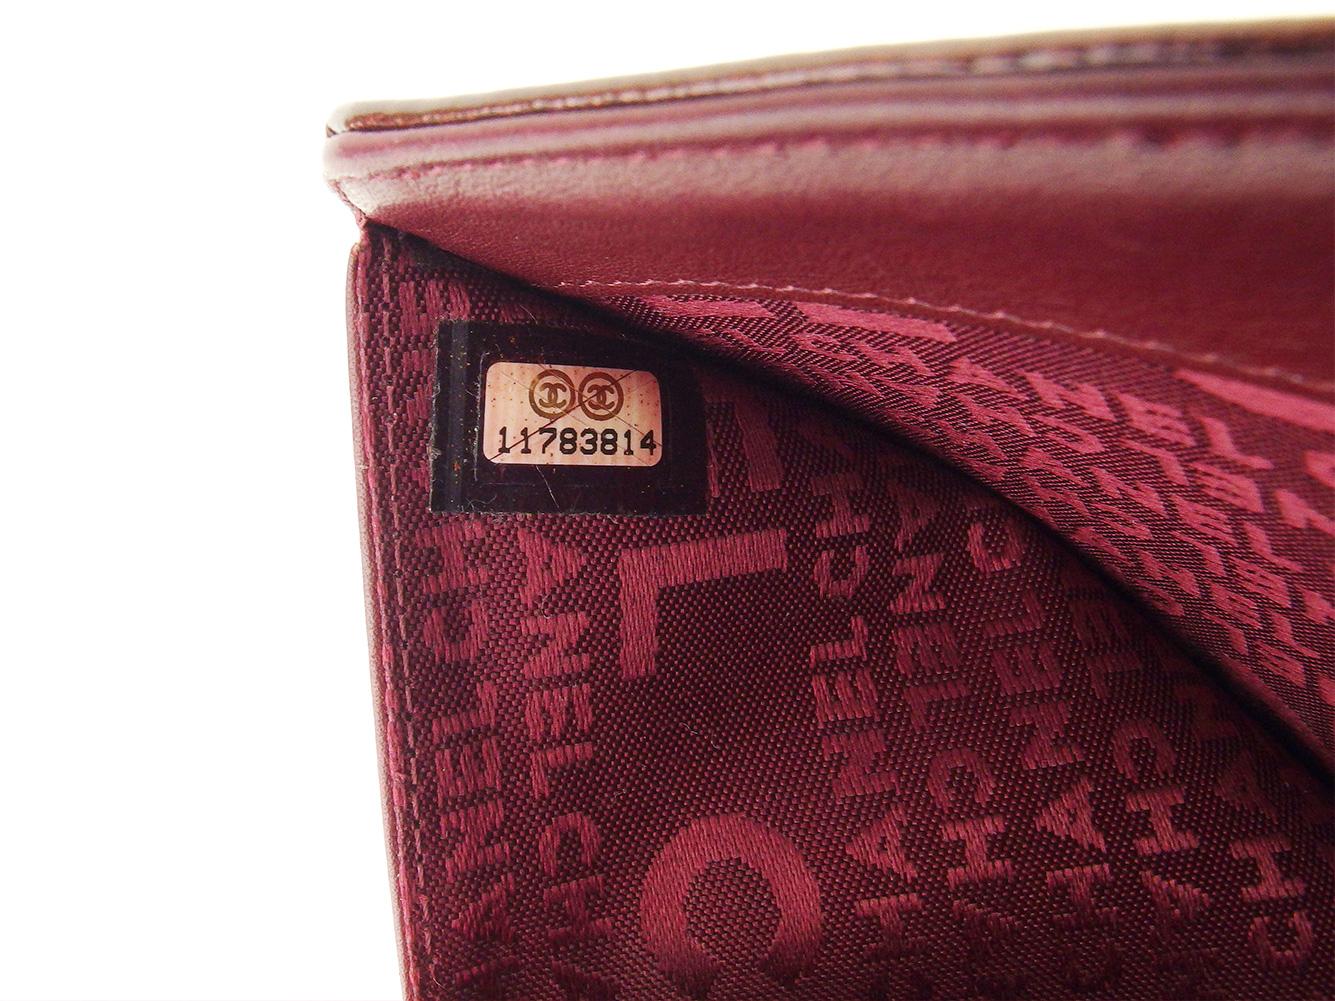 af549daad38c ... シャネルCHANEL二つ折り札入れ二つ折り財布レディースココマークボルドーエナメルレザー ...